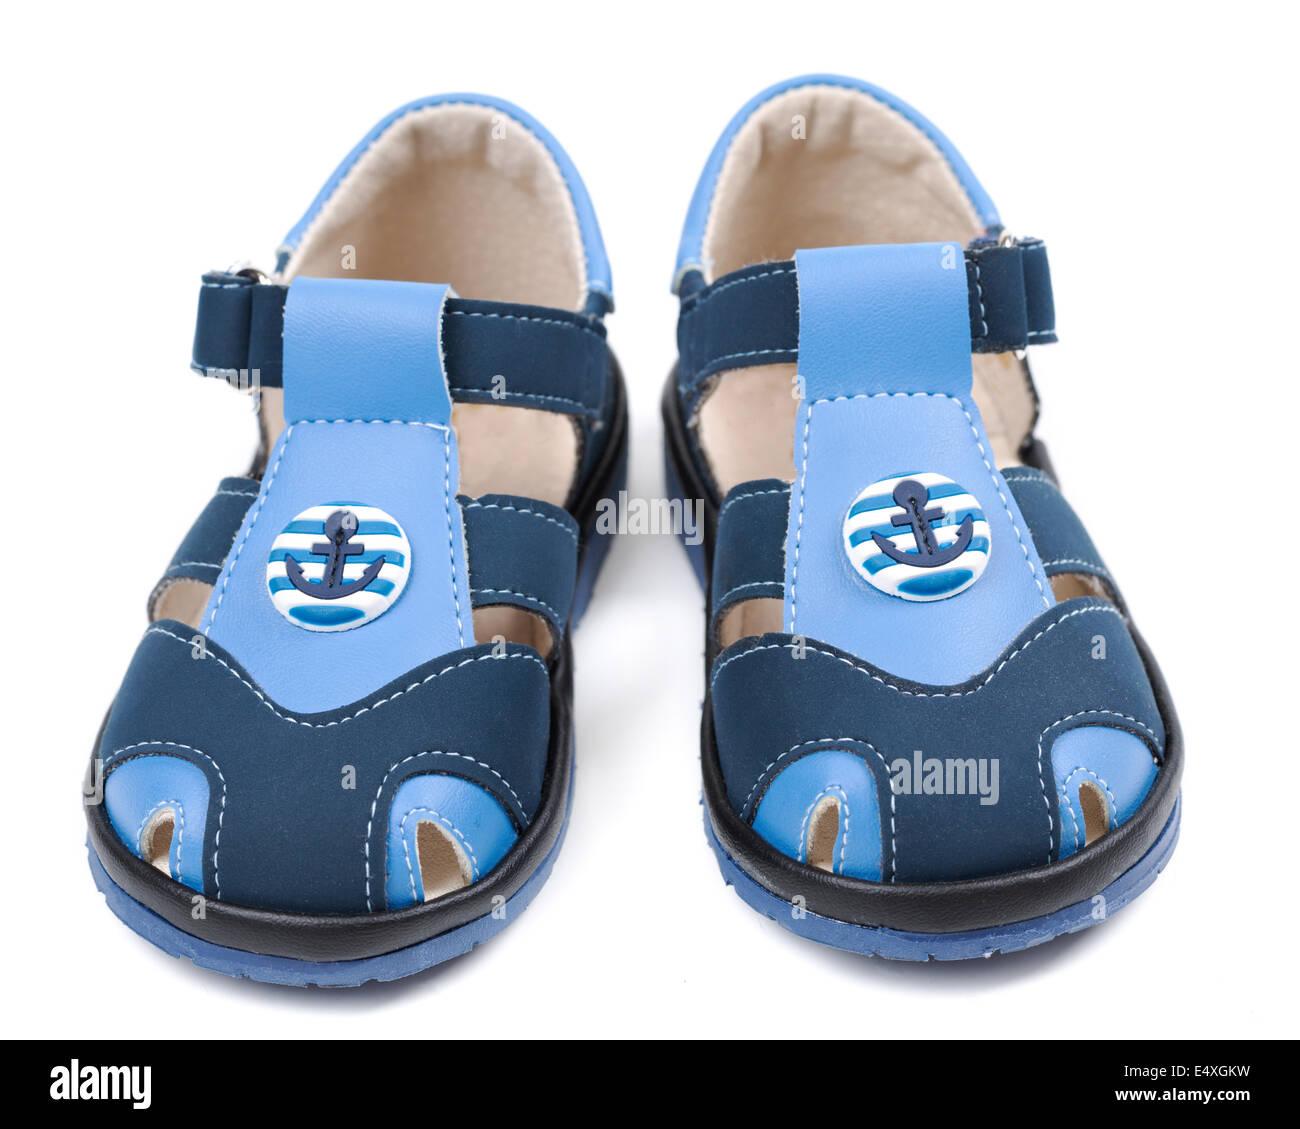 Des Kindes Sandalen auf weißem Hintergrund Stockfoto, Bild  71883949 ... 642eca9e24